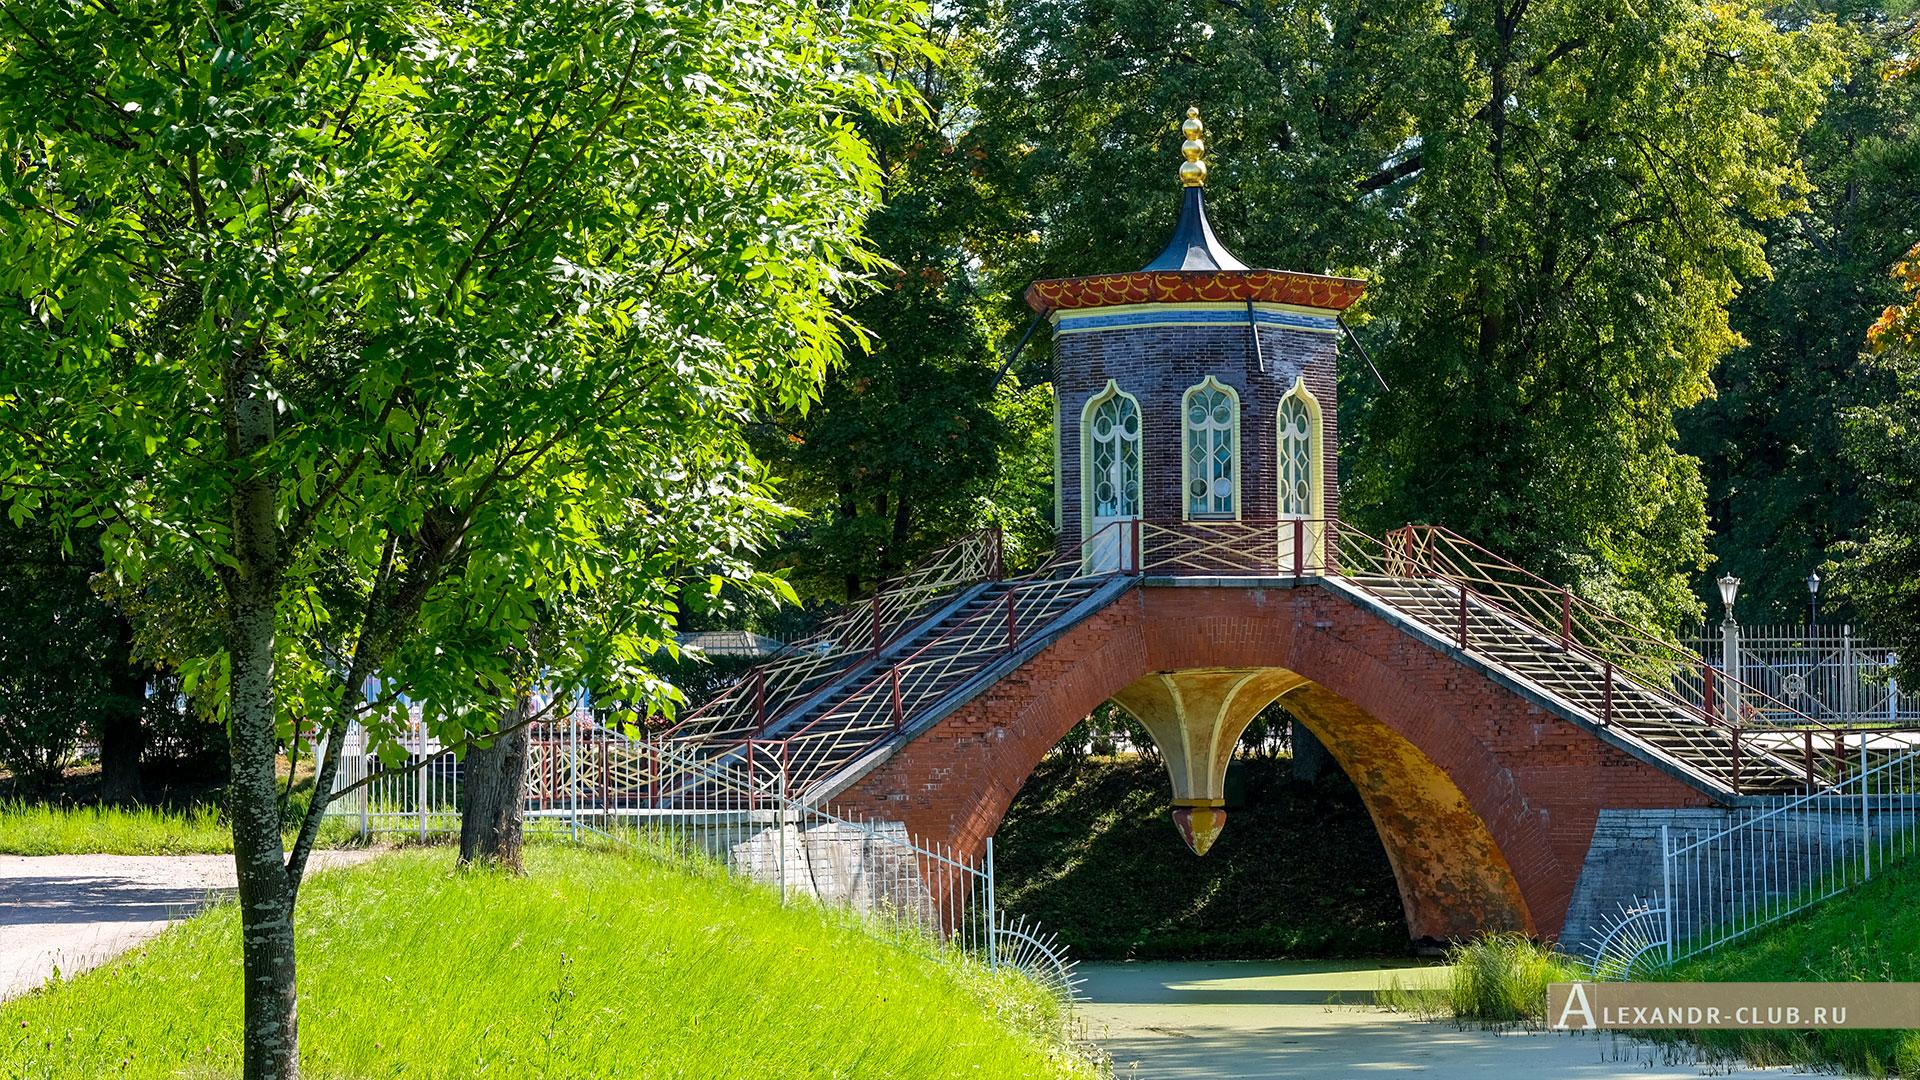 Царское Село, лето, Александровский парк, Крестовый мост